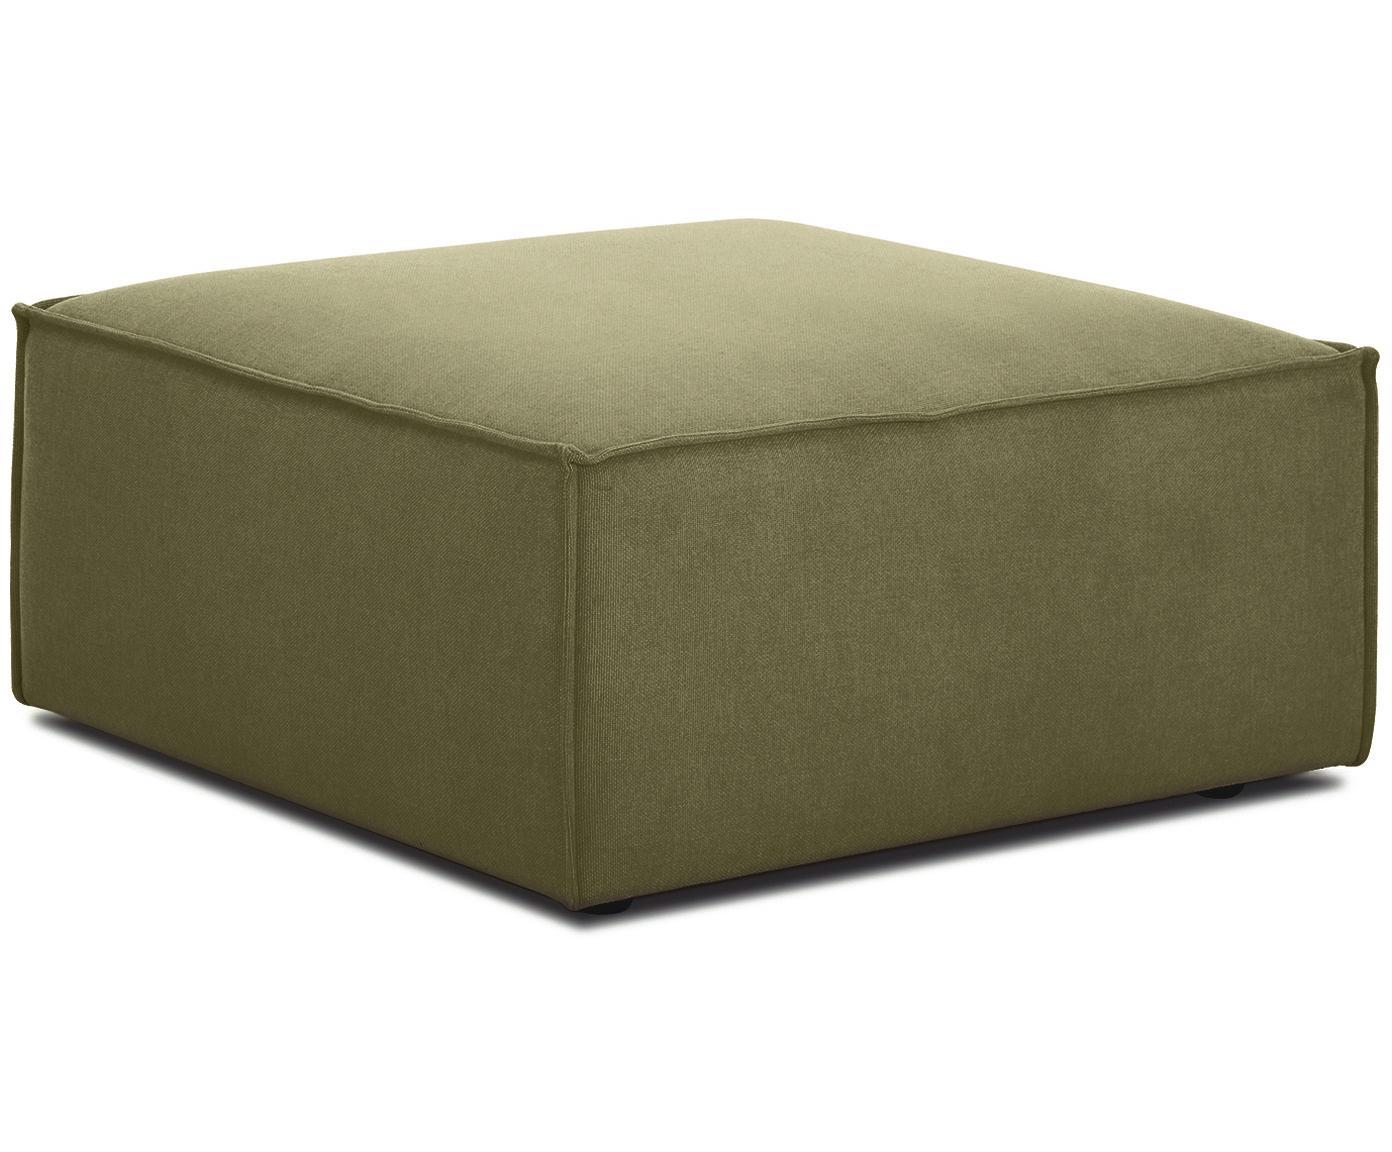 Voetenbank Lennon, Bekleding: 100% polyester, Frame: massief grenenhout, multi, Poten: kunststof, Geweven stof groen, 88 x 43 cm